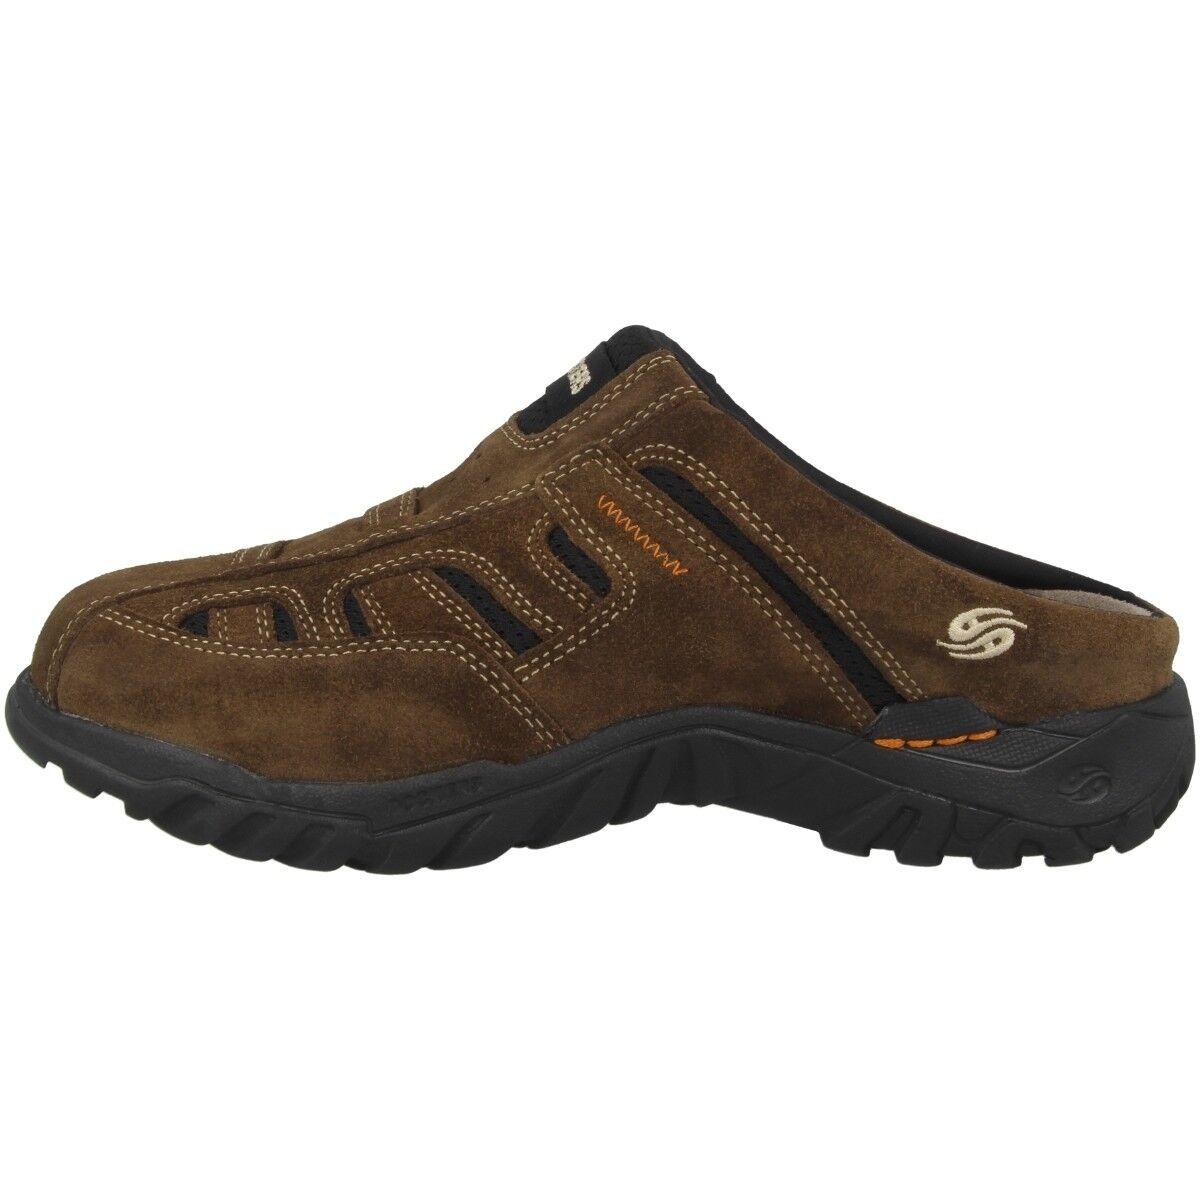 Dockers by Gerli 36li005 zapatos caballero sandalias sandalias Clogs 36li005-200850